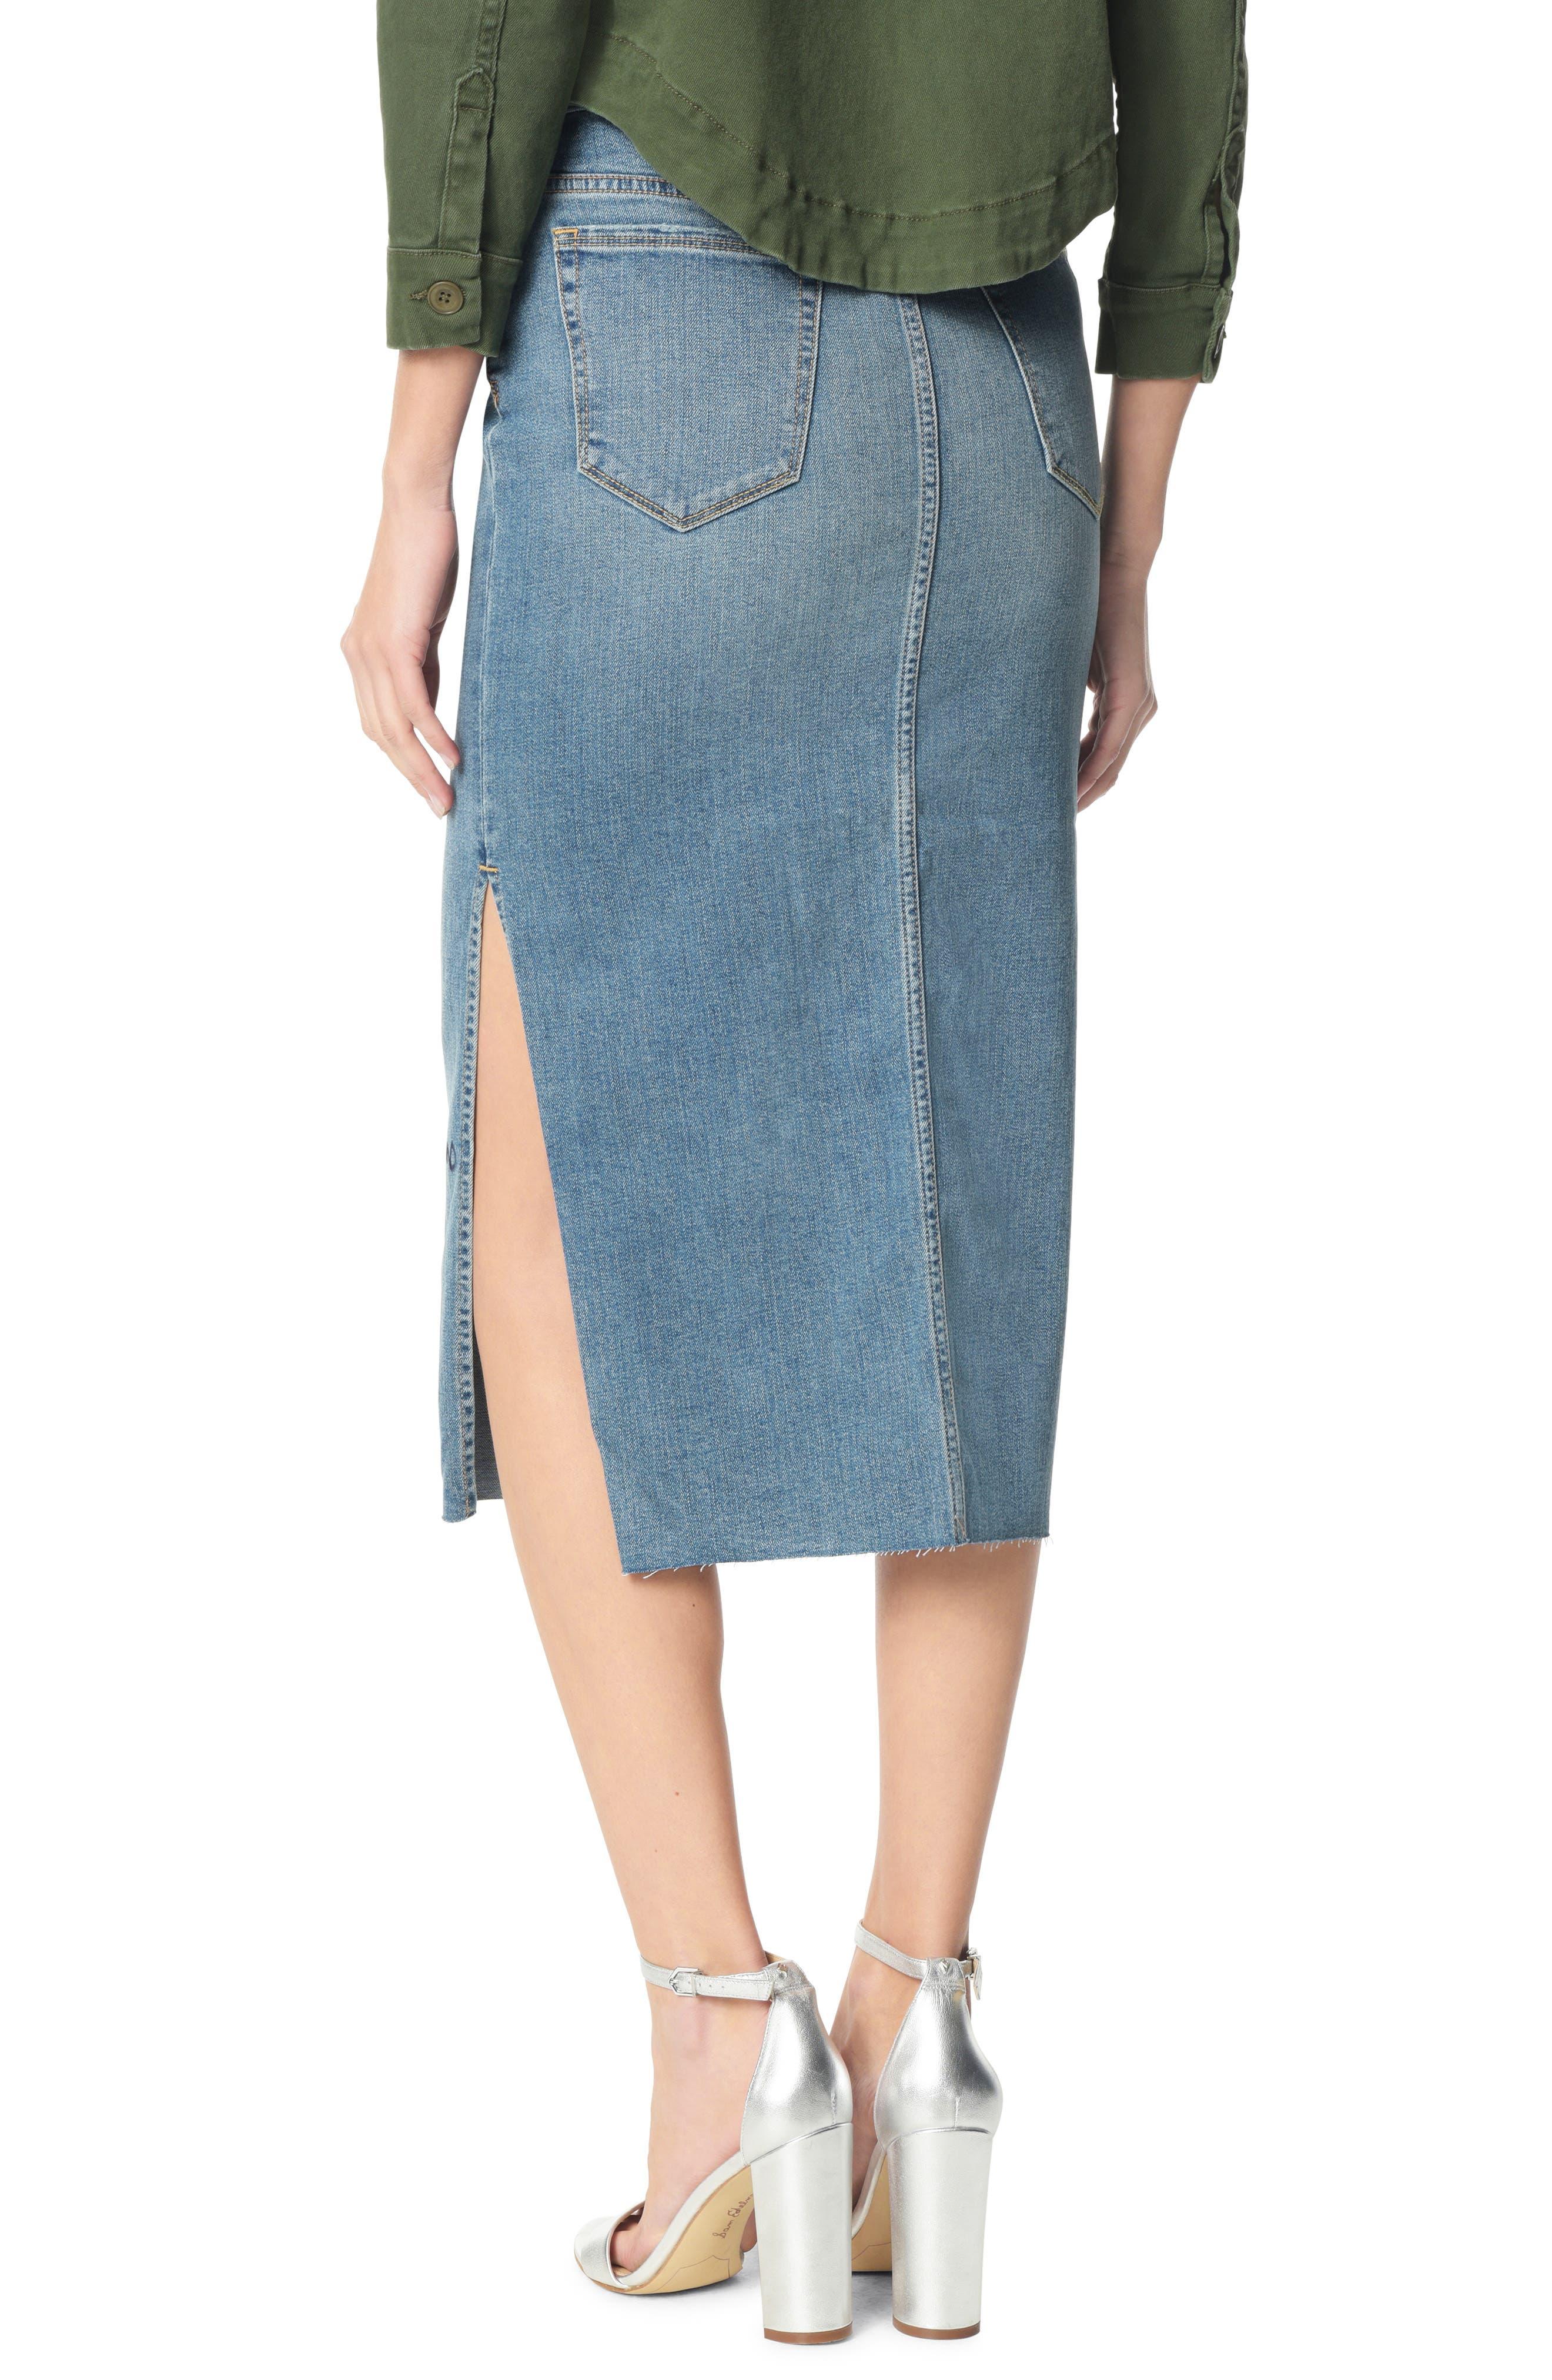 SAM EDELMAN, The Maribelle Mid Rise Denim Skirt, Alternate thumbnail 2, color, 421